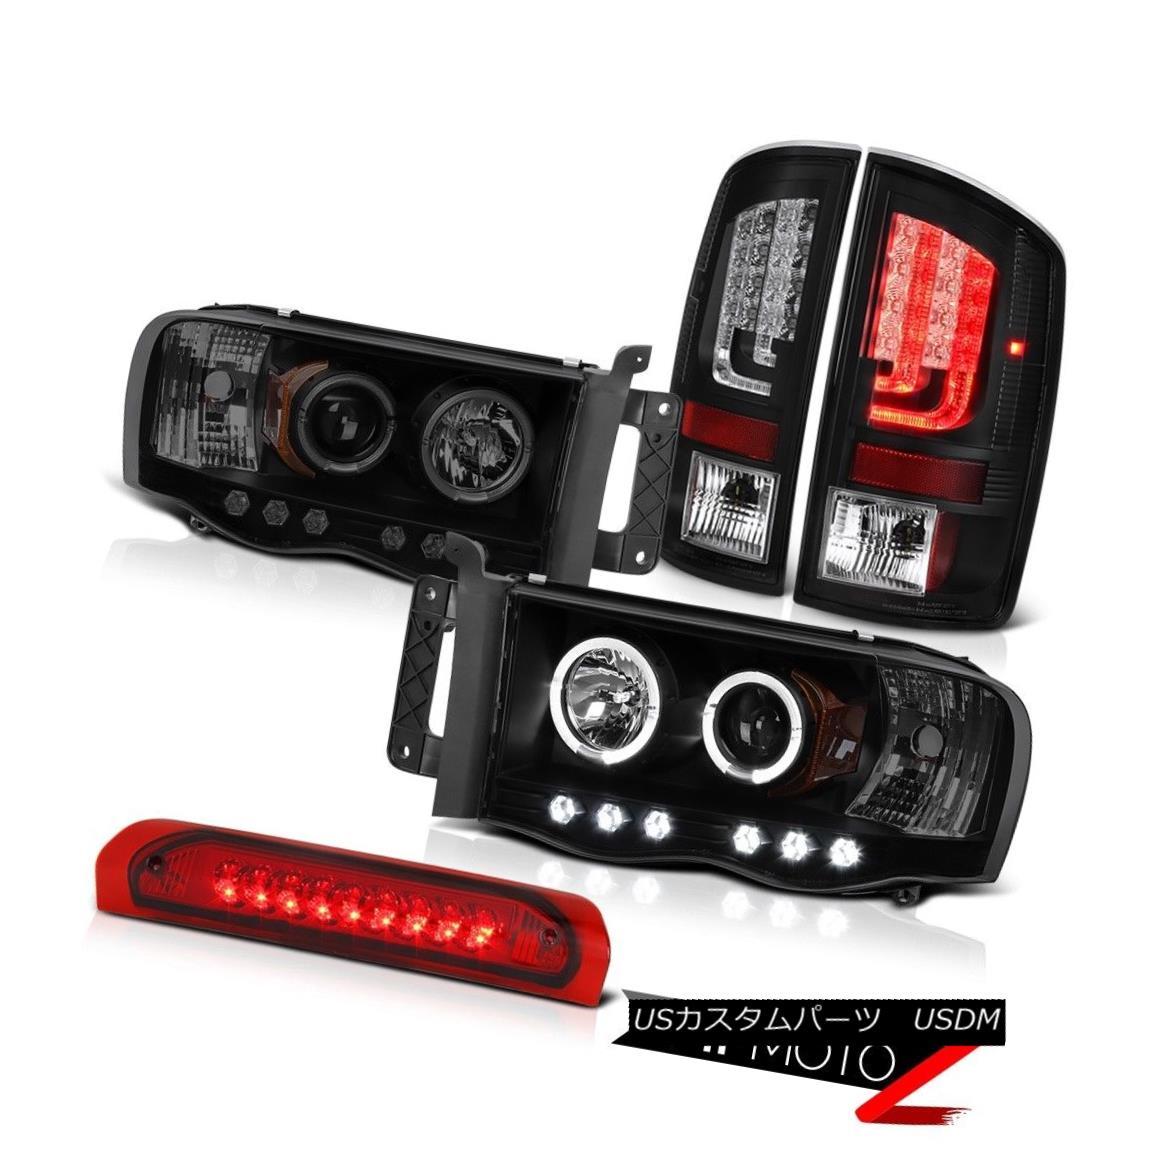 テールライト 02-05 Ram 1500 2500 3500 5.9L Tail Lights Projector Headlamps Red High STop Lamp 02-05 Ram 1500 2500 3500 5.9LテールライトプロジェクターヘッドランプレッドハイSTOPランプ